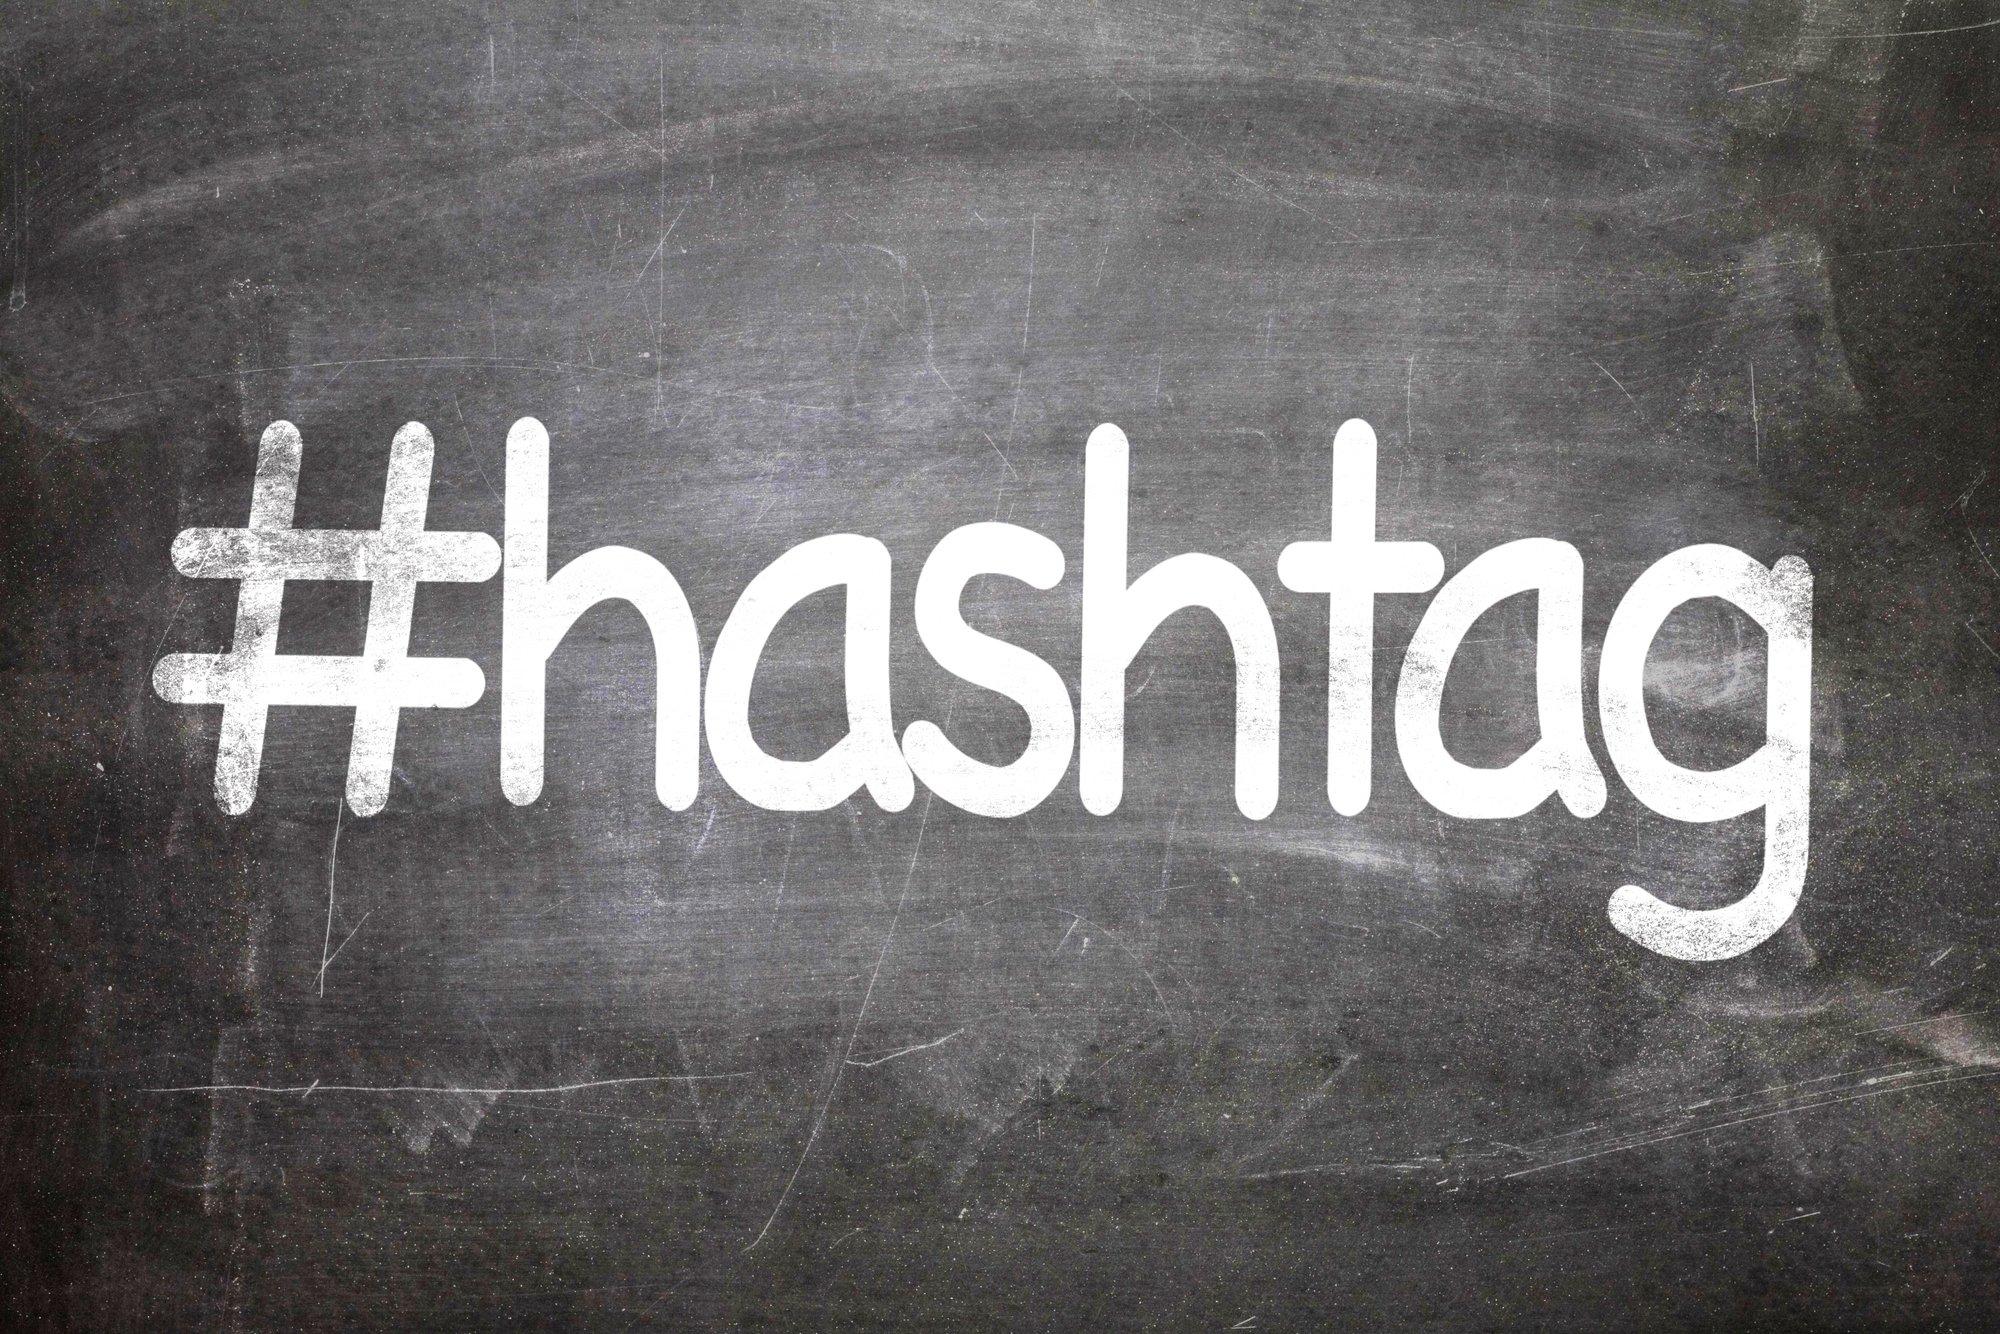 Symbol hashtag on a chalkboard